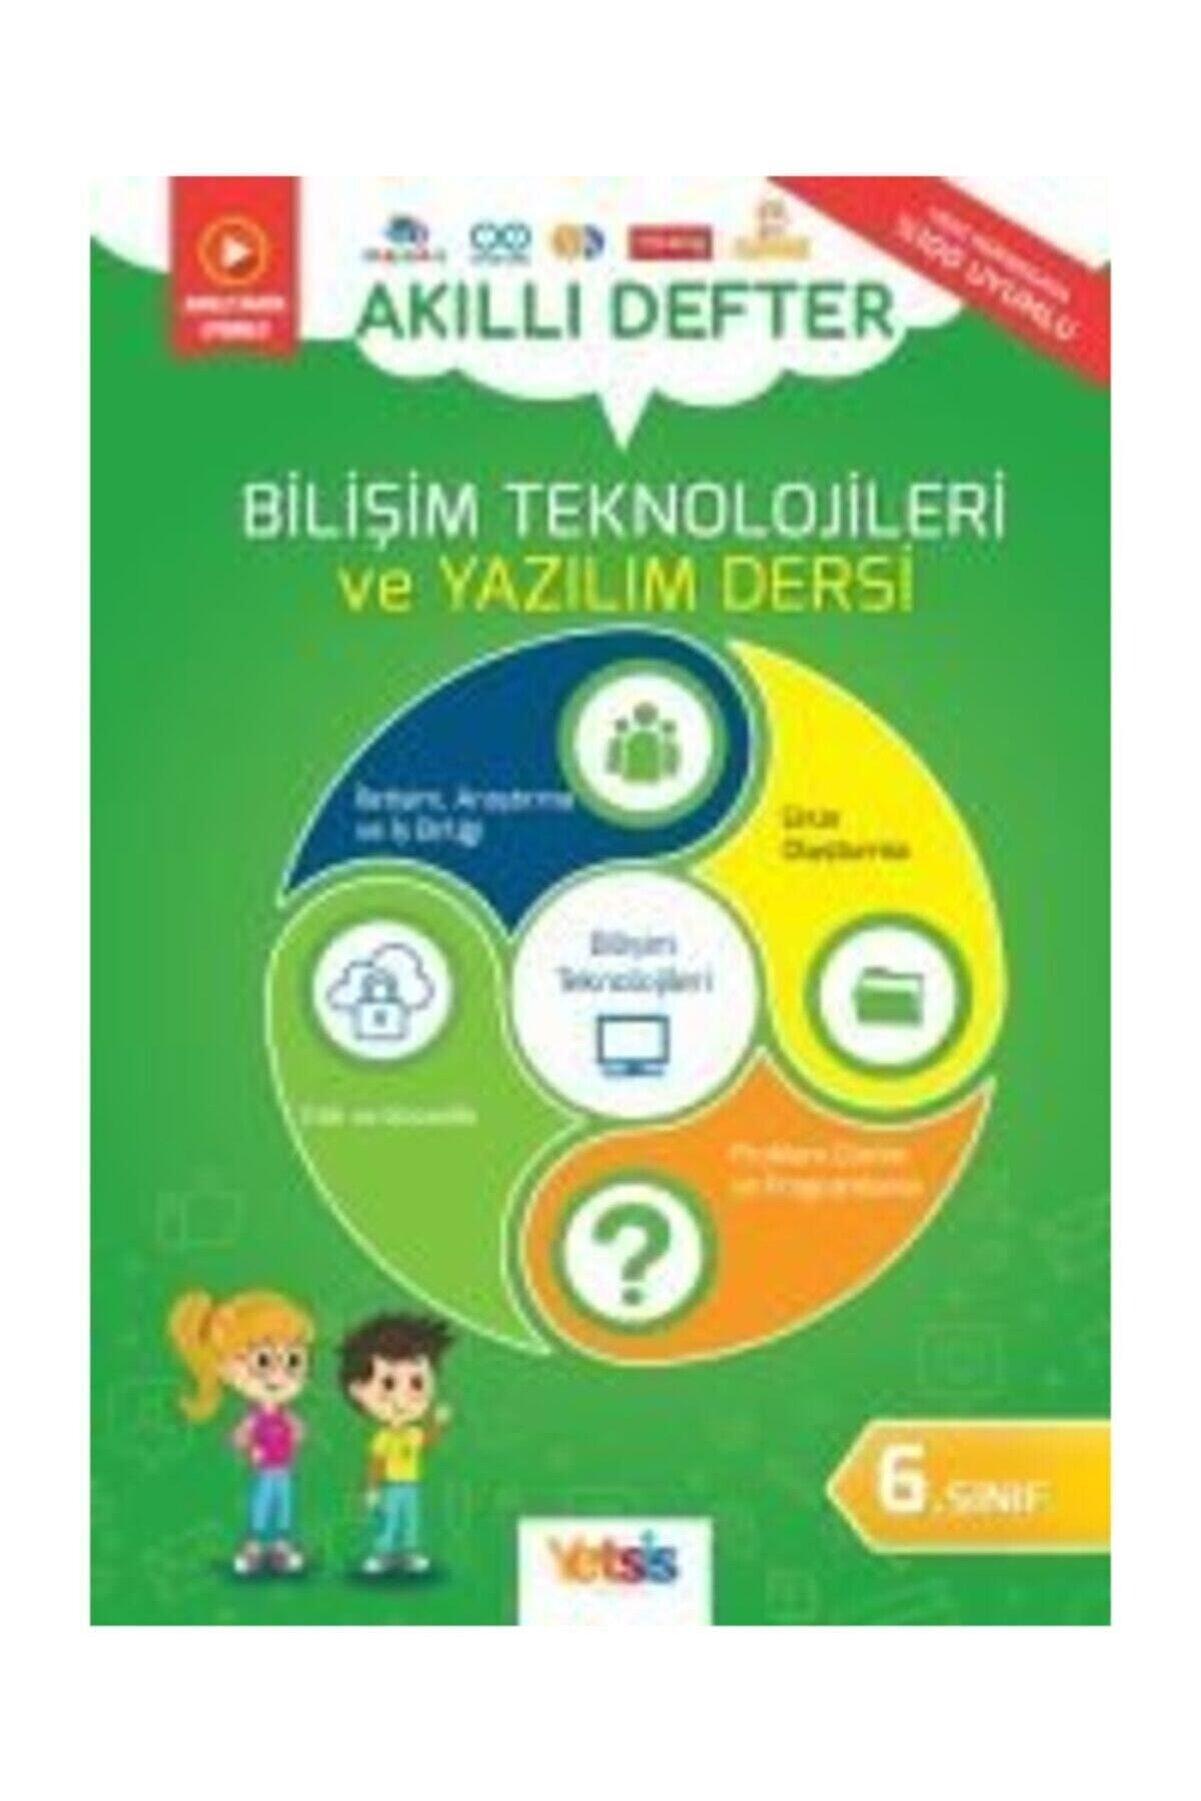 Yetsis Yayınları 6. Sınıf Bilişim Teknolojileri Ve Yazılım Dersi Akıllı Defter